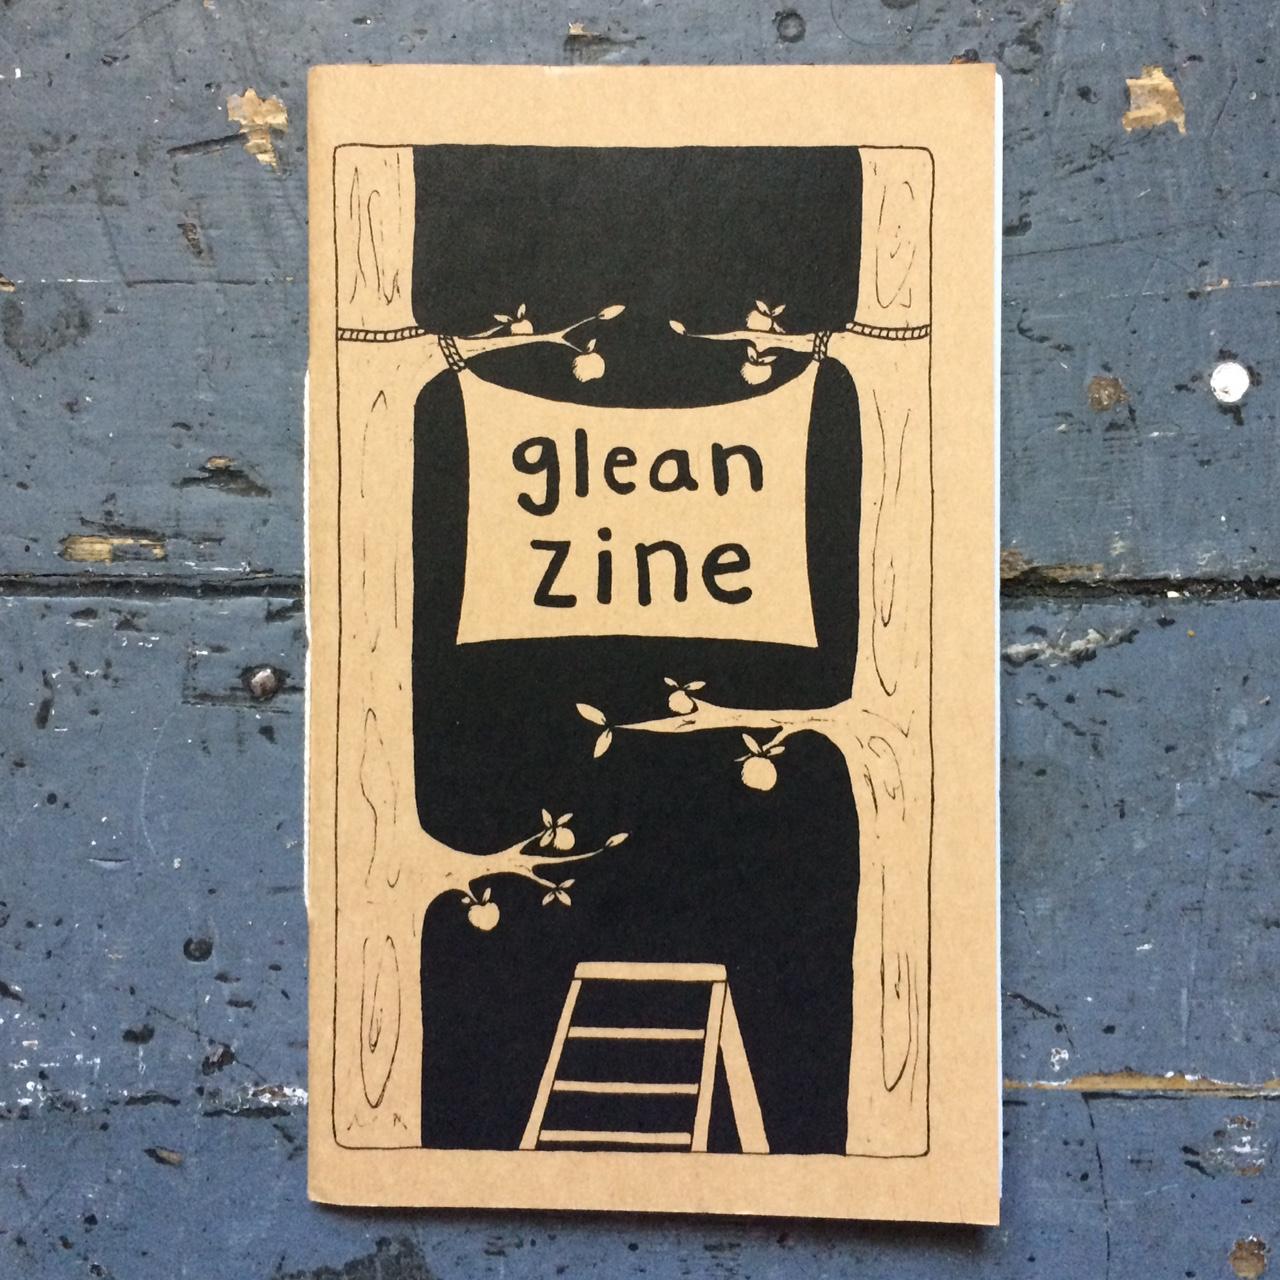 Glean Zine